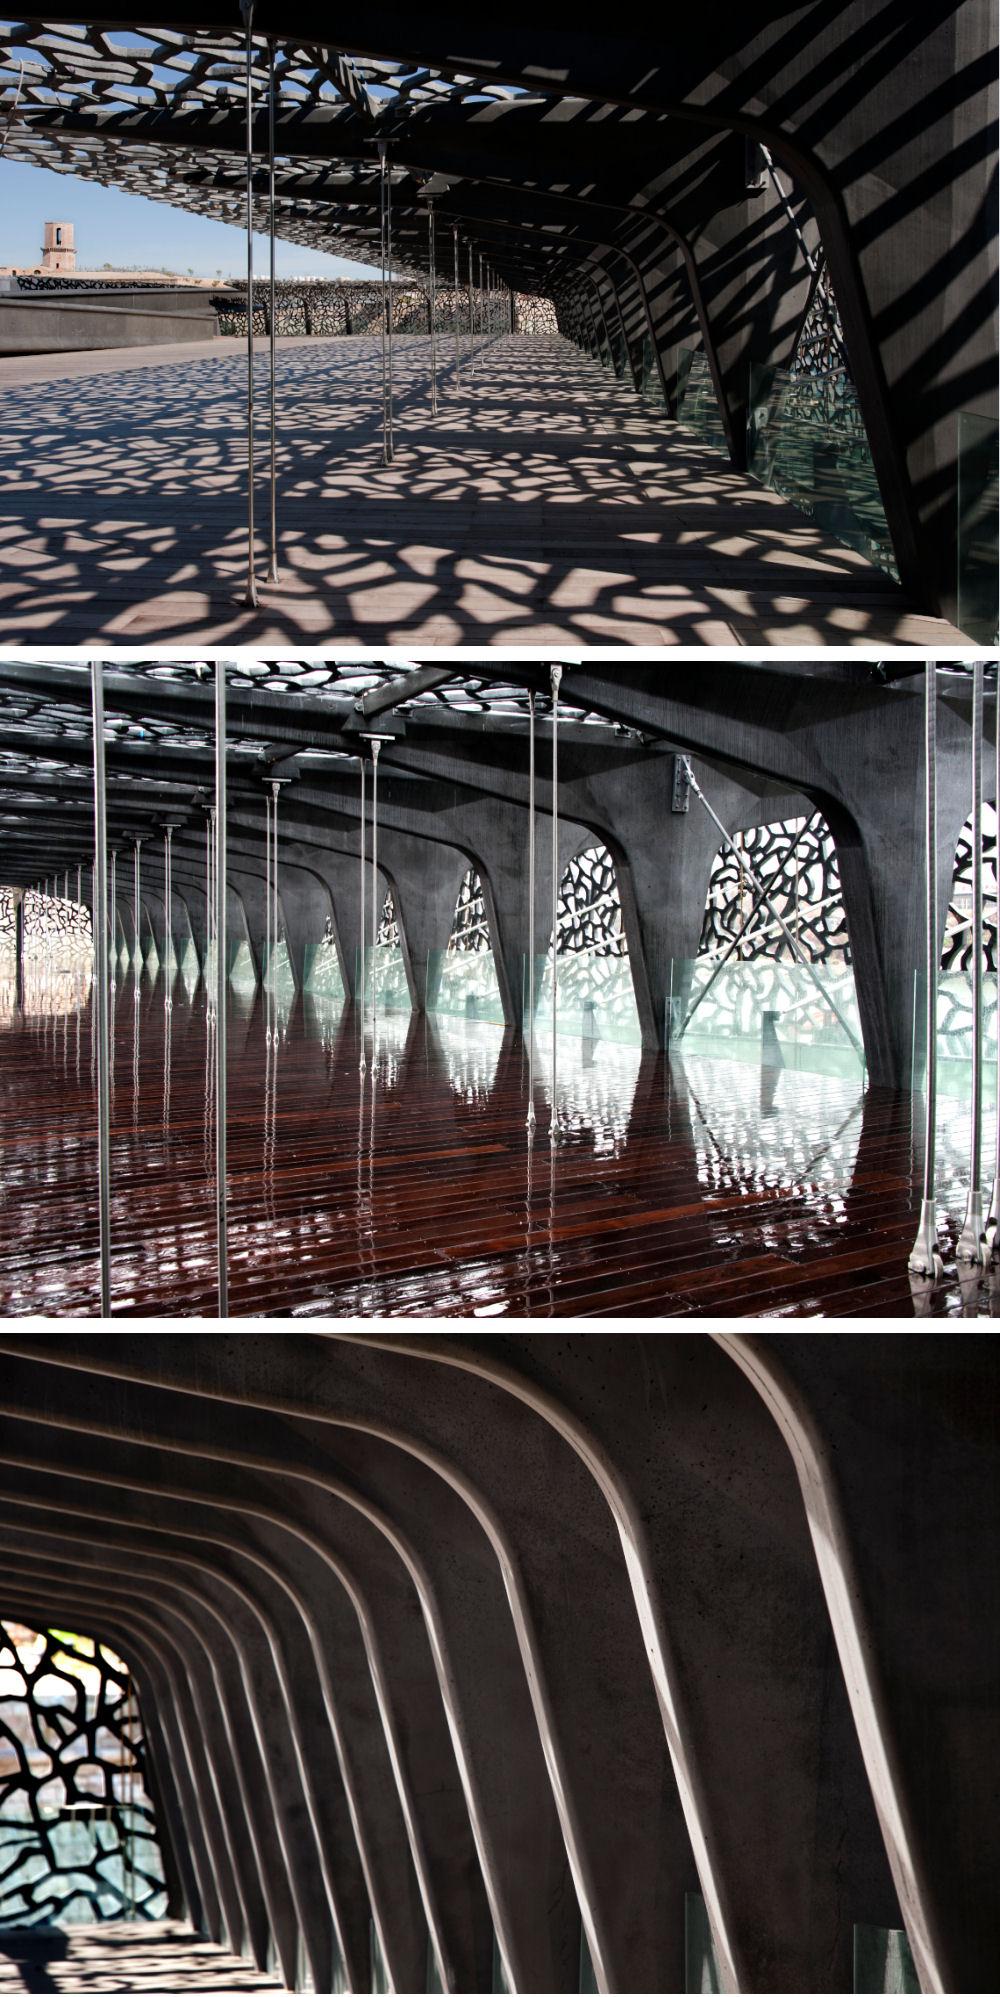 Rudy ricciotti architecte propune o cutie in alta cutie - Mucem rudy ricciotti architecte ...